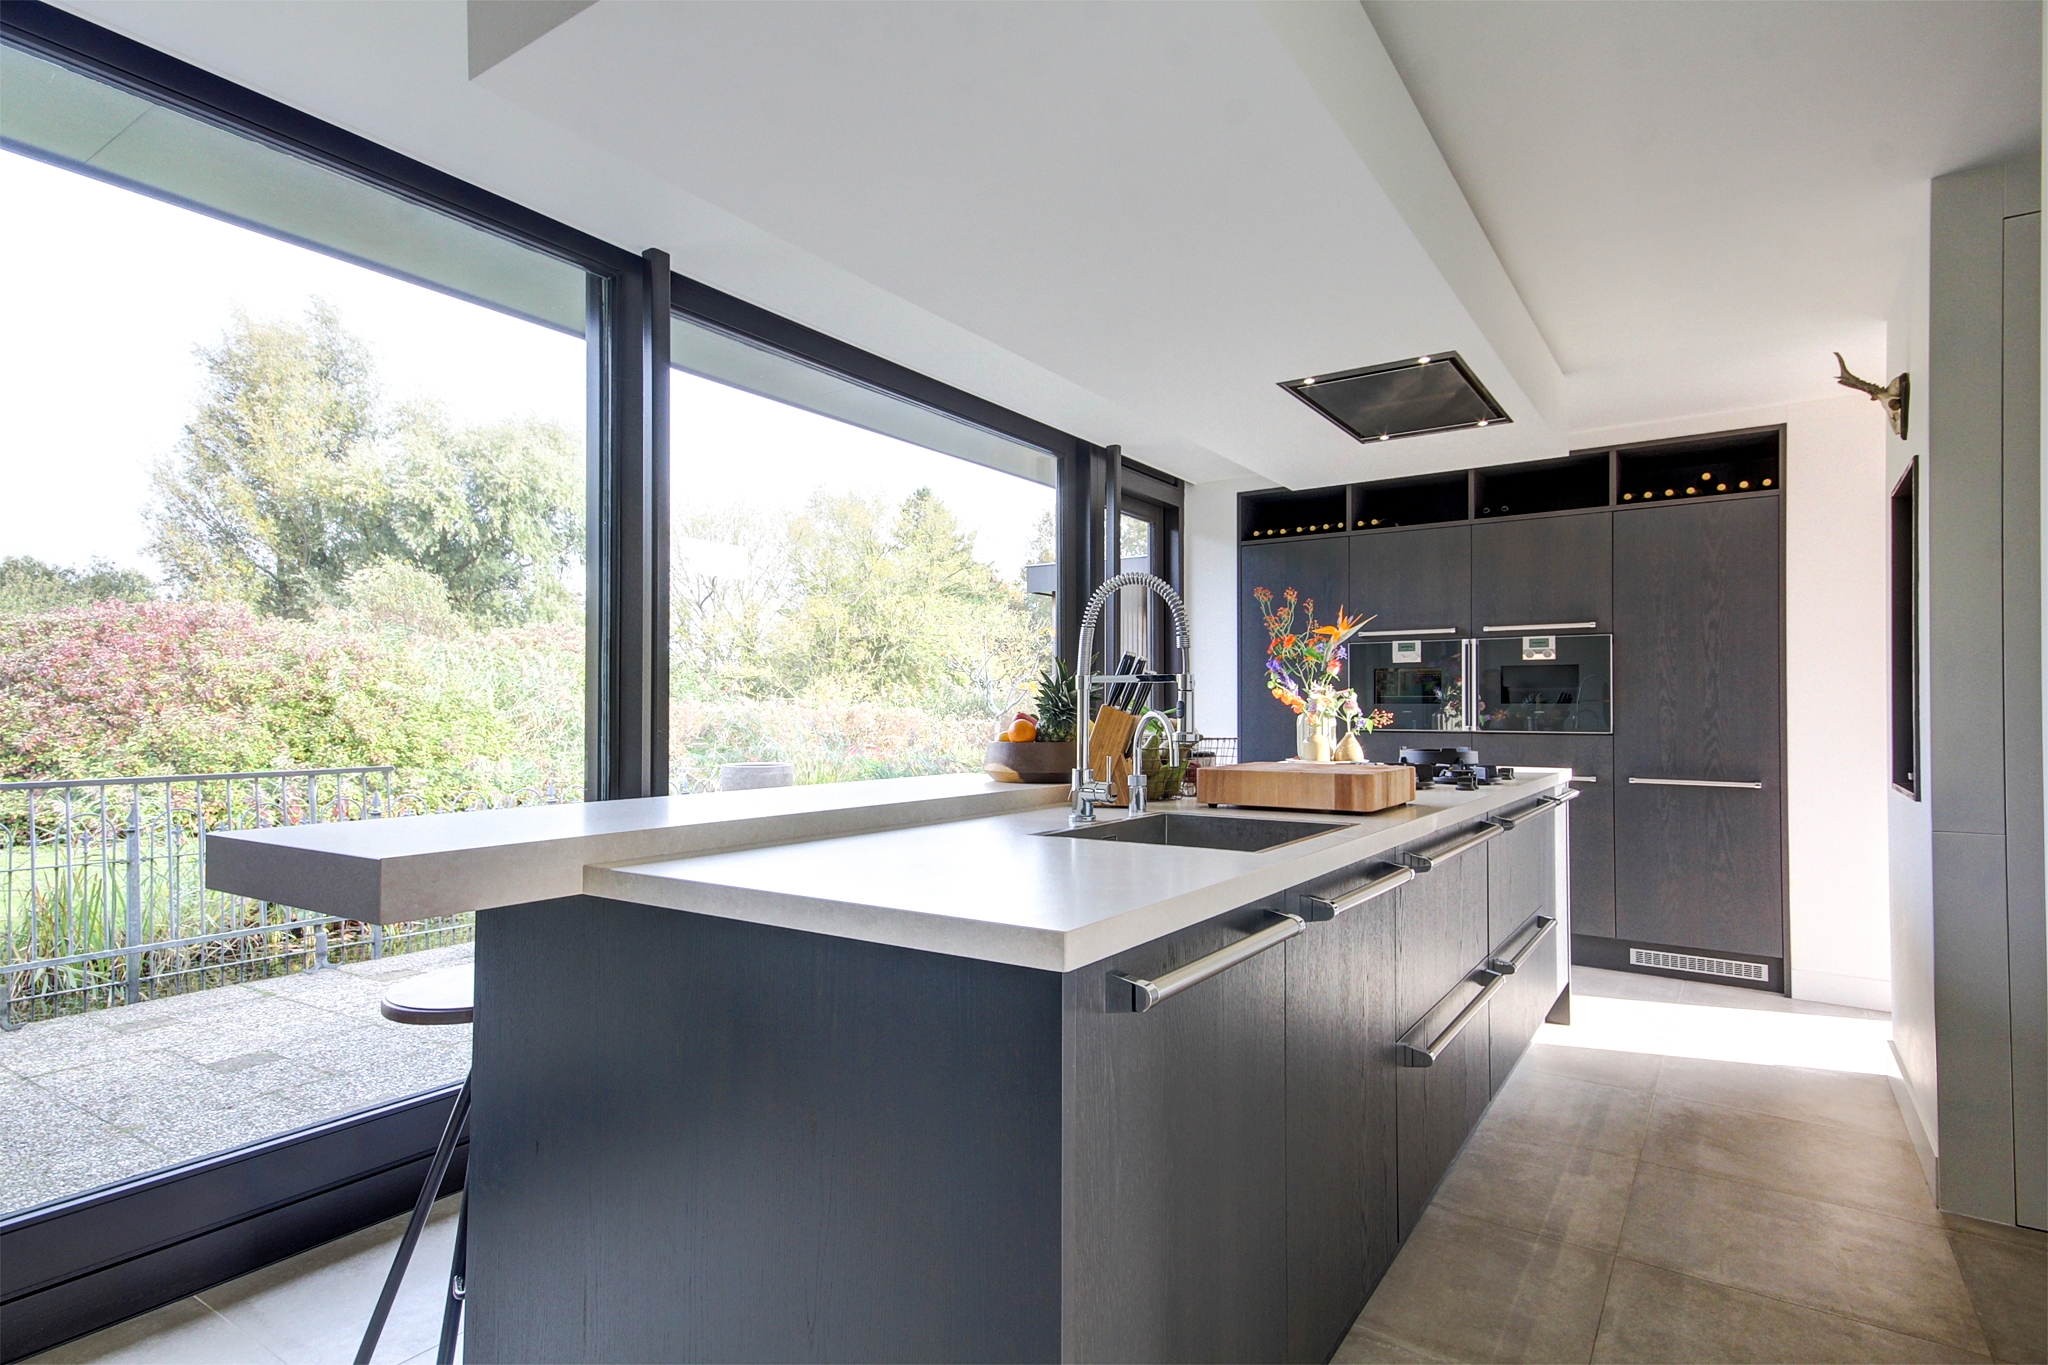 5 meestgestelde vragen (en antwoorden) bij het kopen van een nieuwe keuken